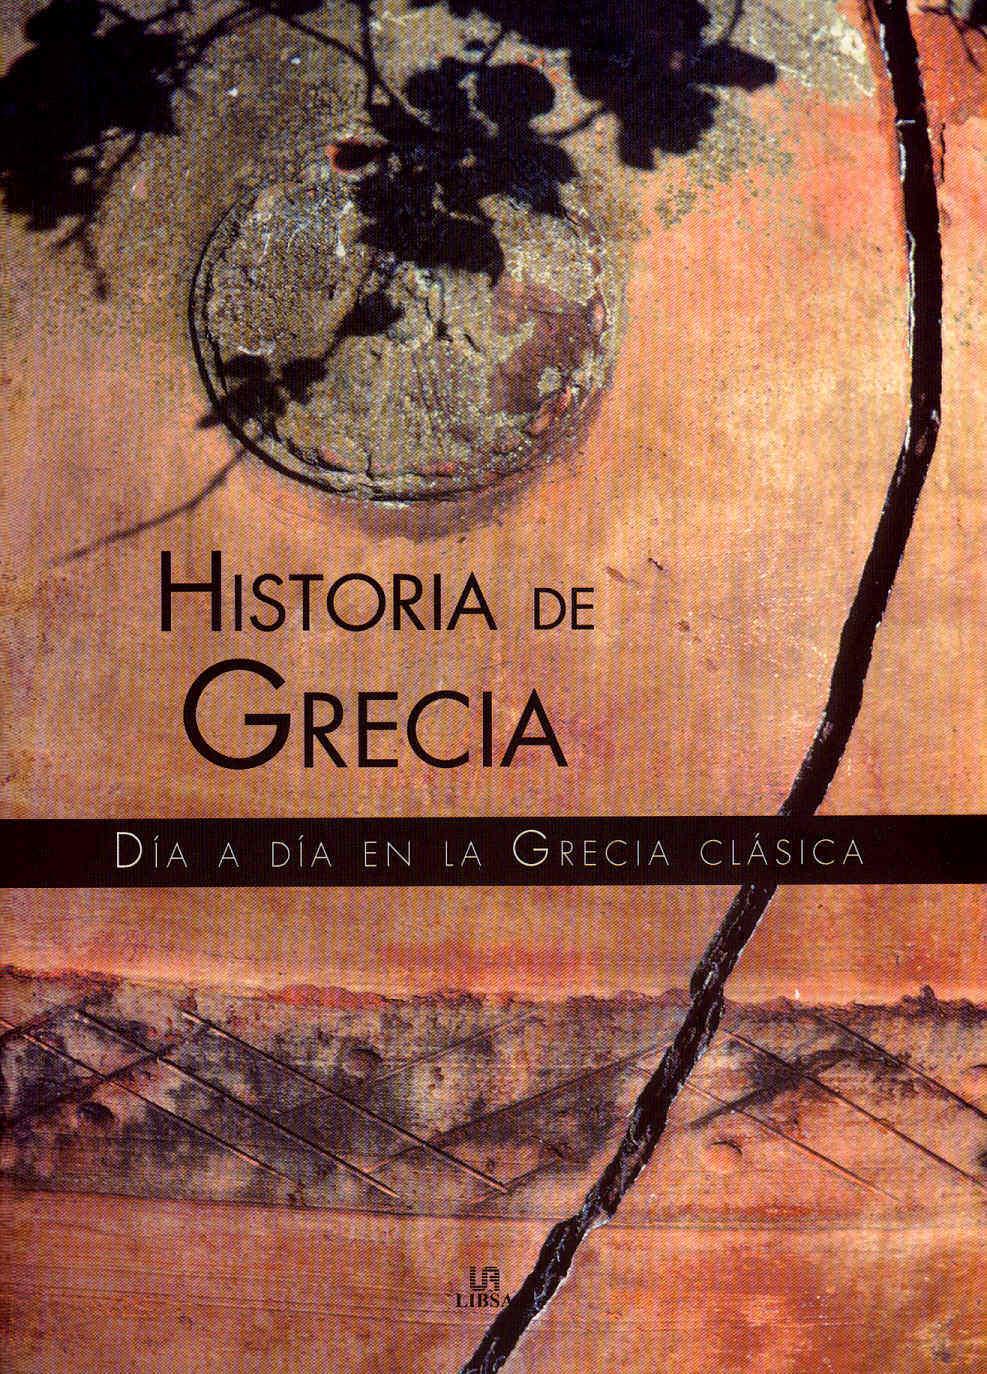 La sociedad griega 1 en la Grecia clásica 88